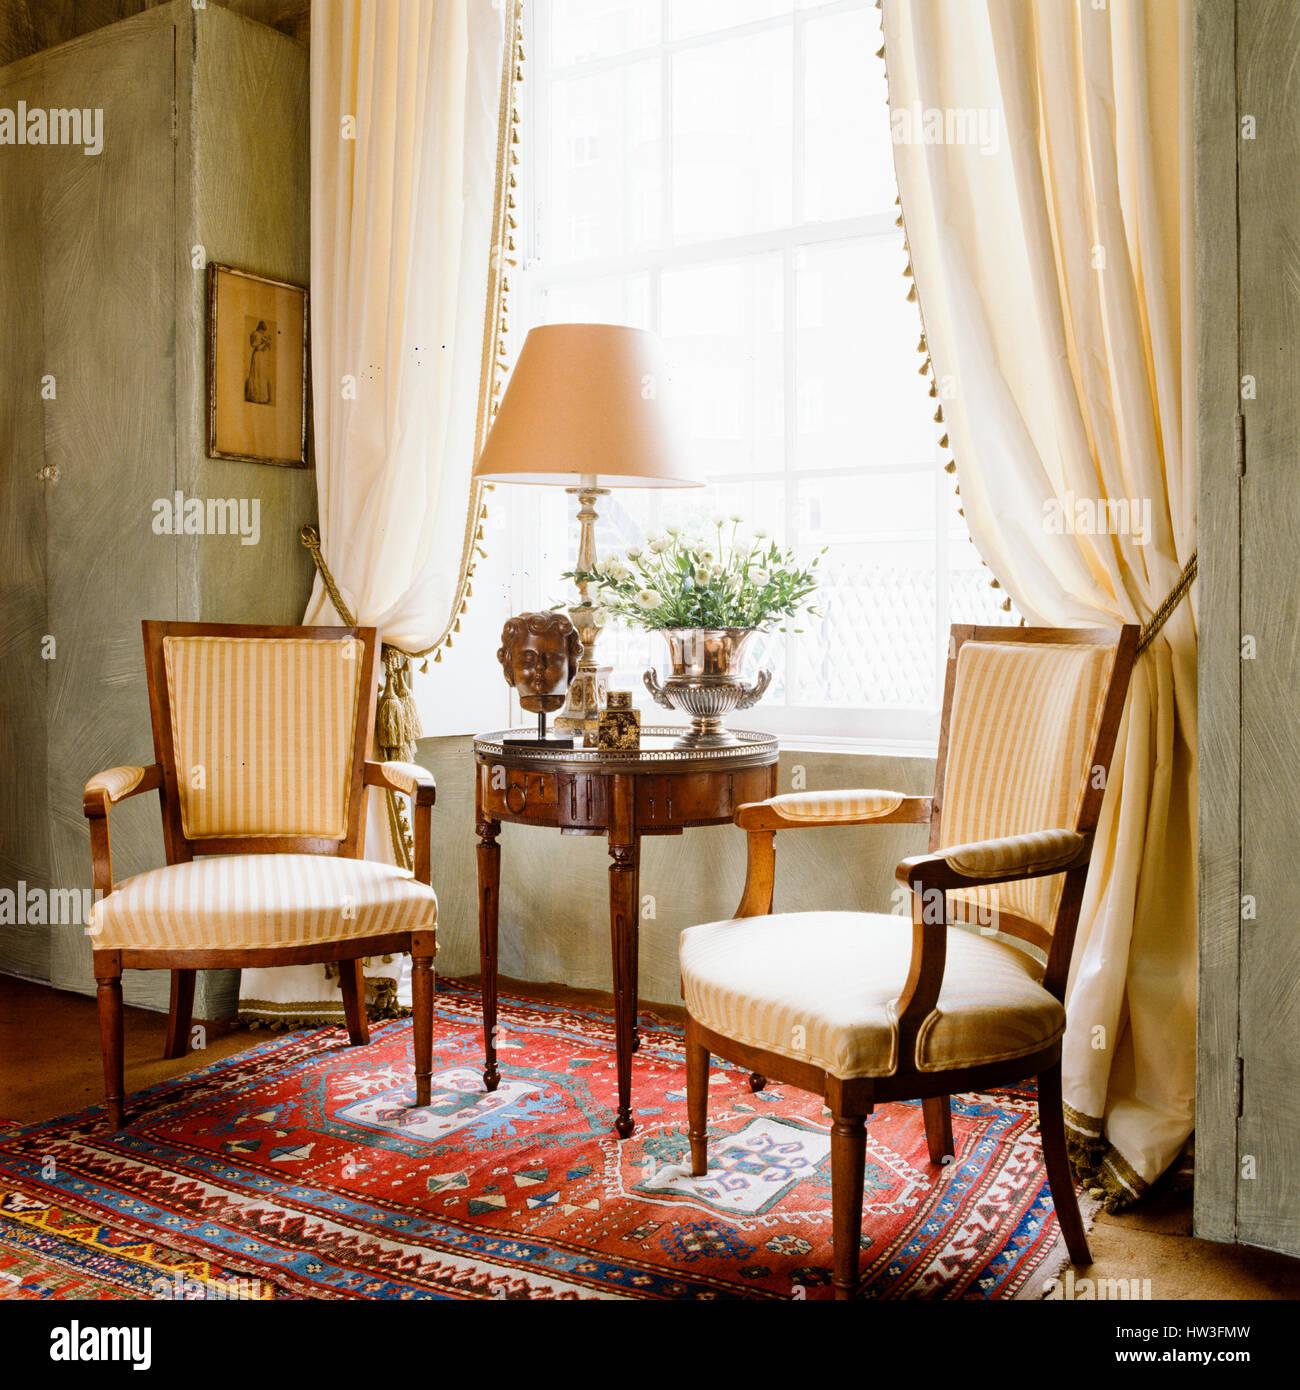 Salon de style Régence Banque D\'Images, Photo Stock: 135917177 - Alamy